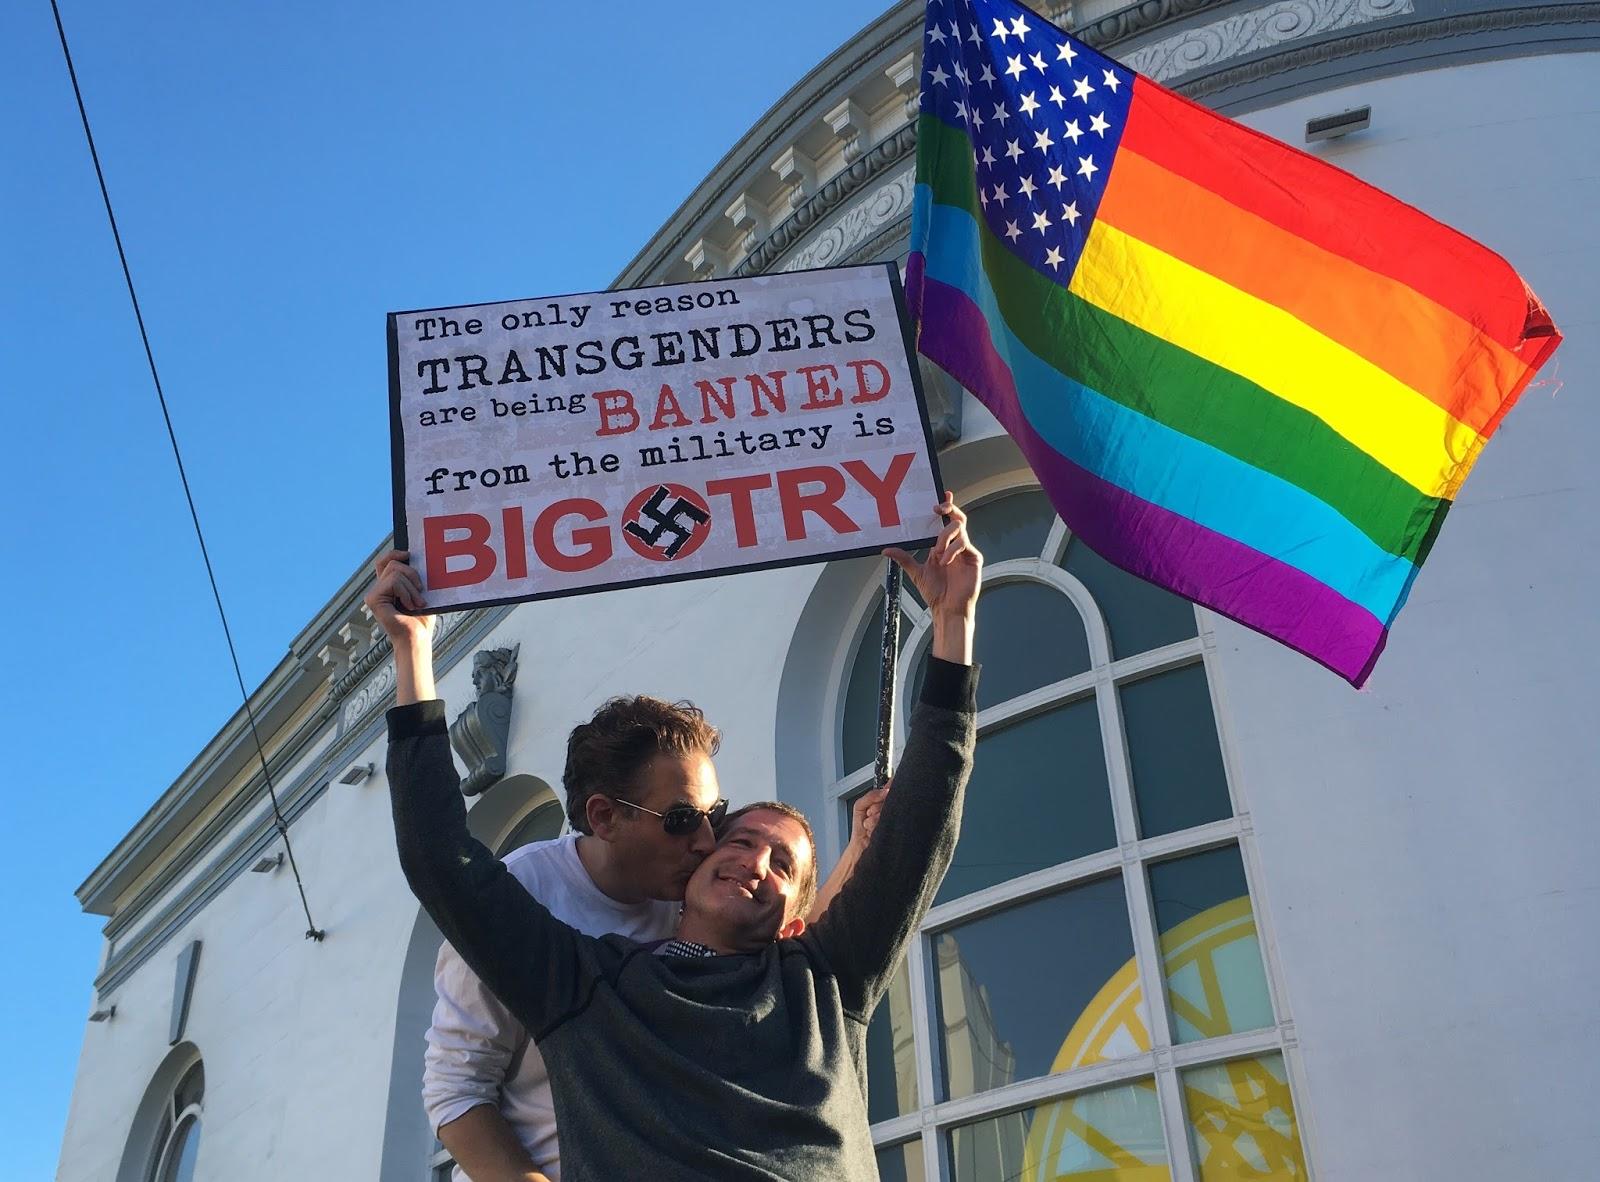 Revoltados, defensores dos direitos LGBT dizem ter visto Trump 'como ele é'